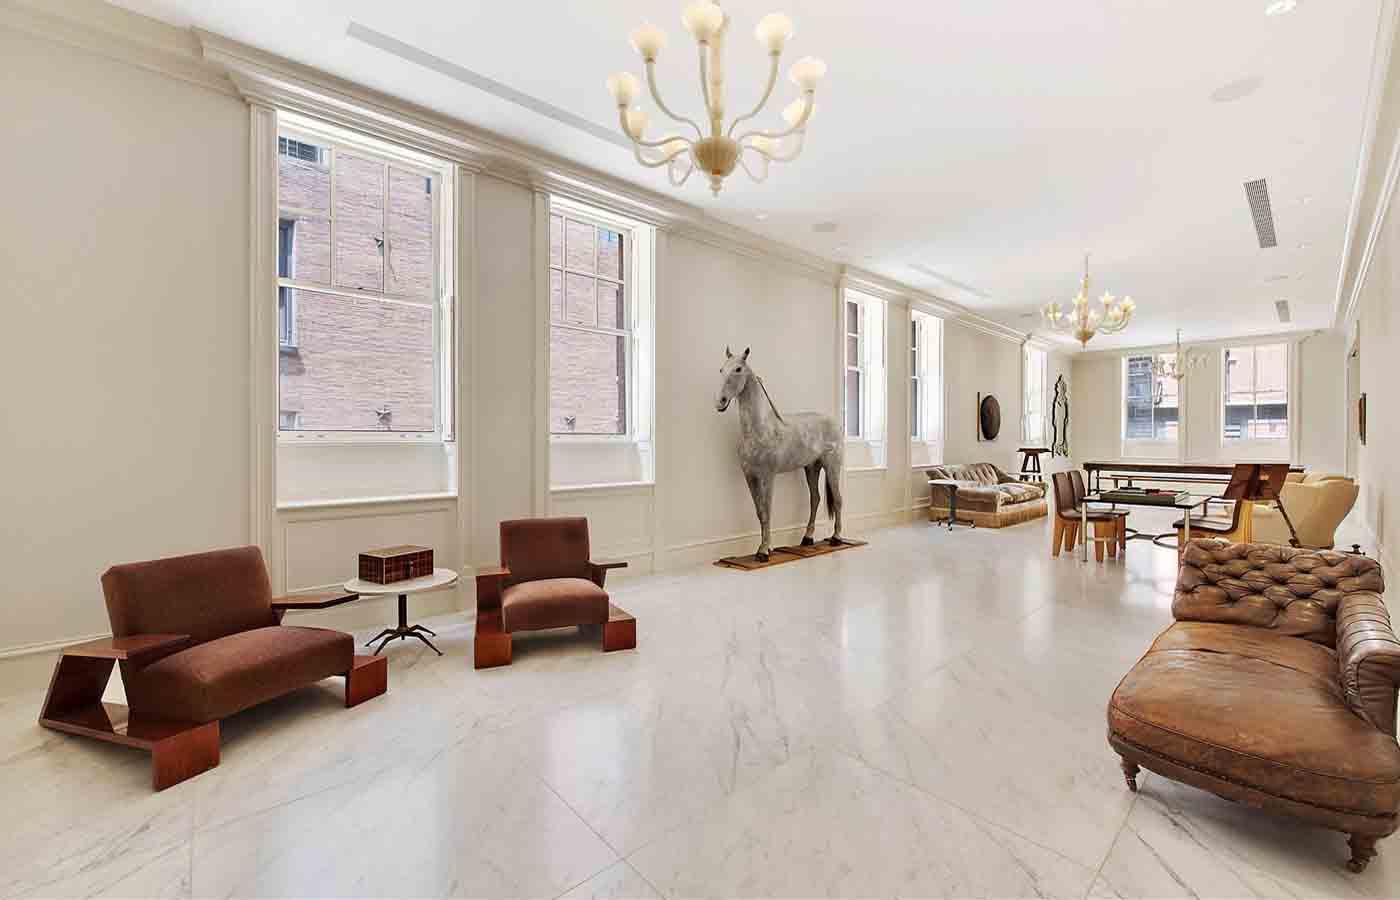 15 italian flooring designs floor designs design trends - Marble flooring design ideas ...